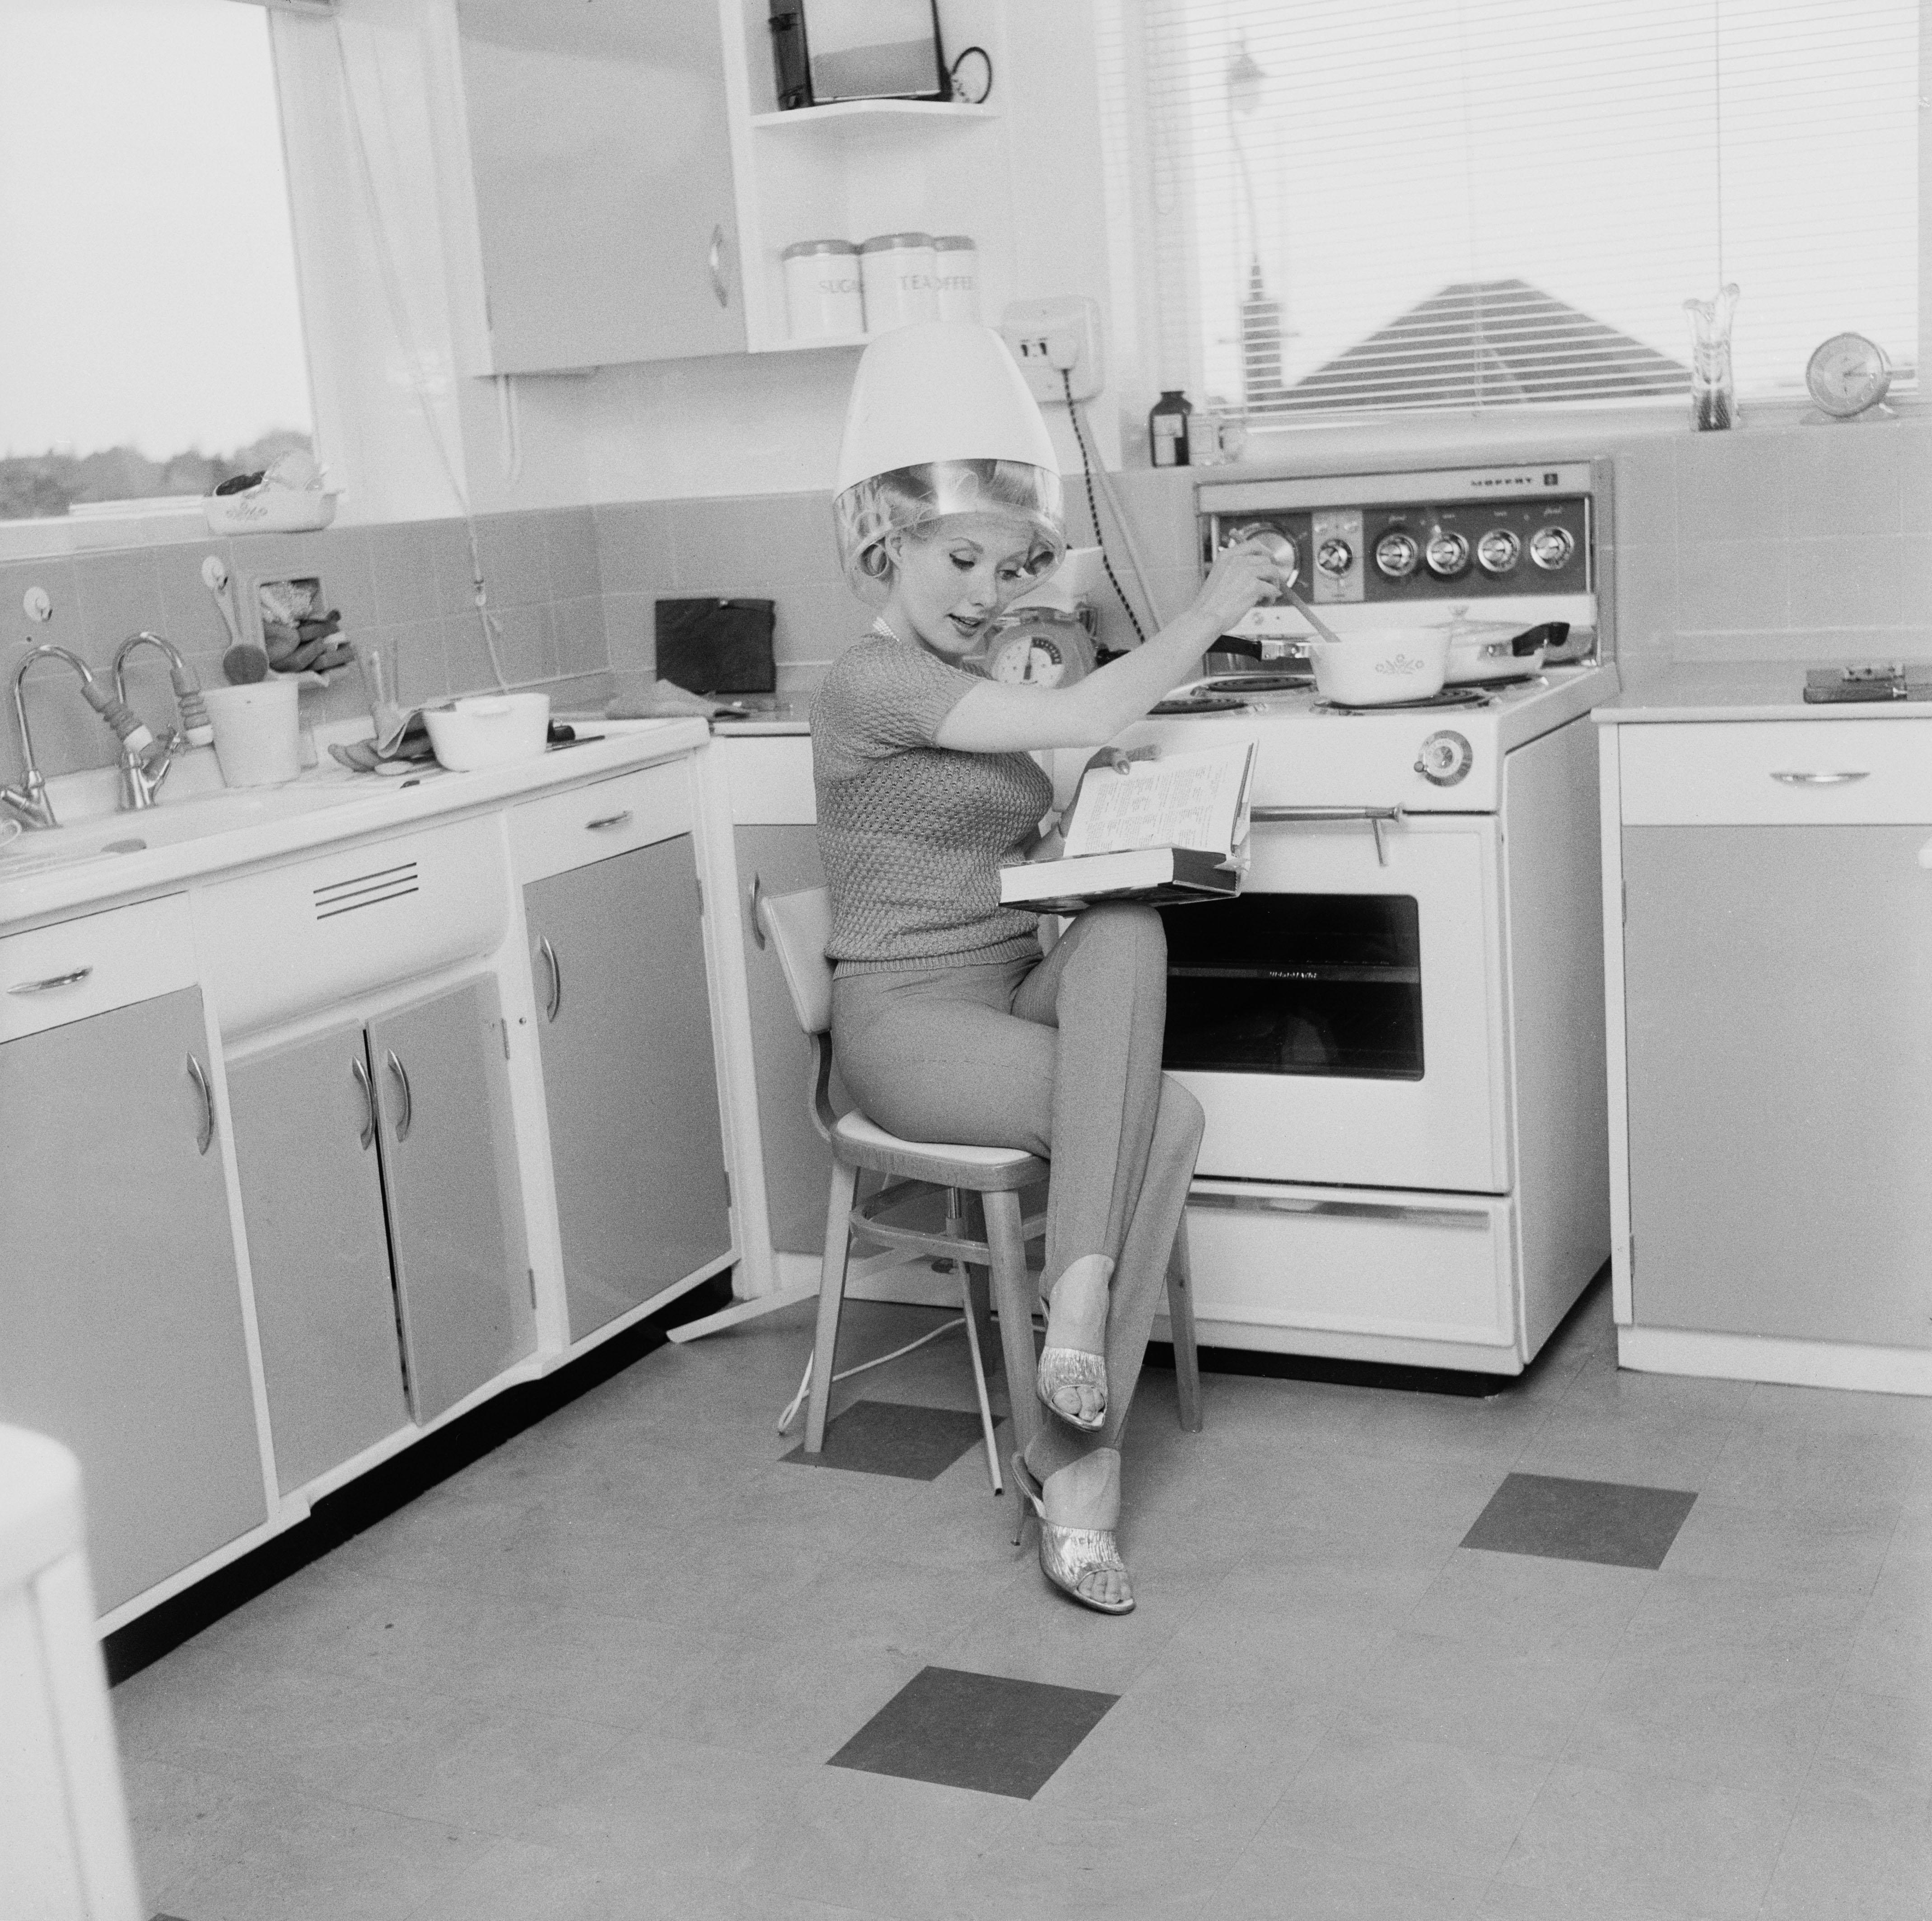 Кухня през 60-те години